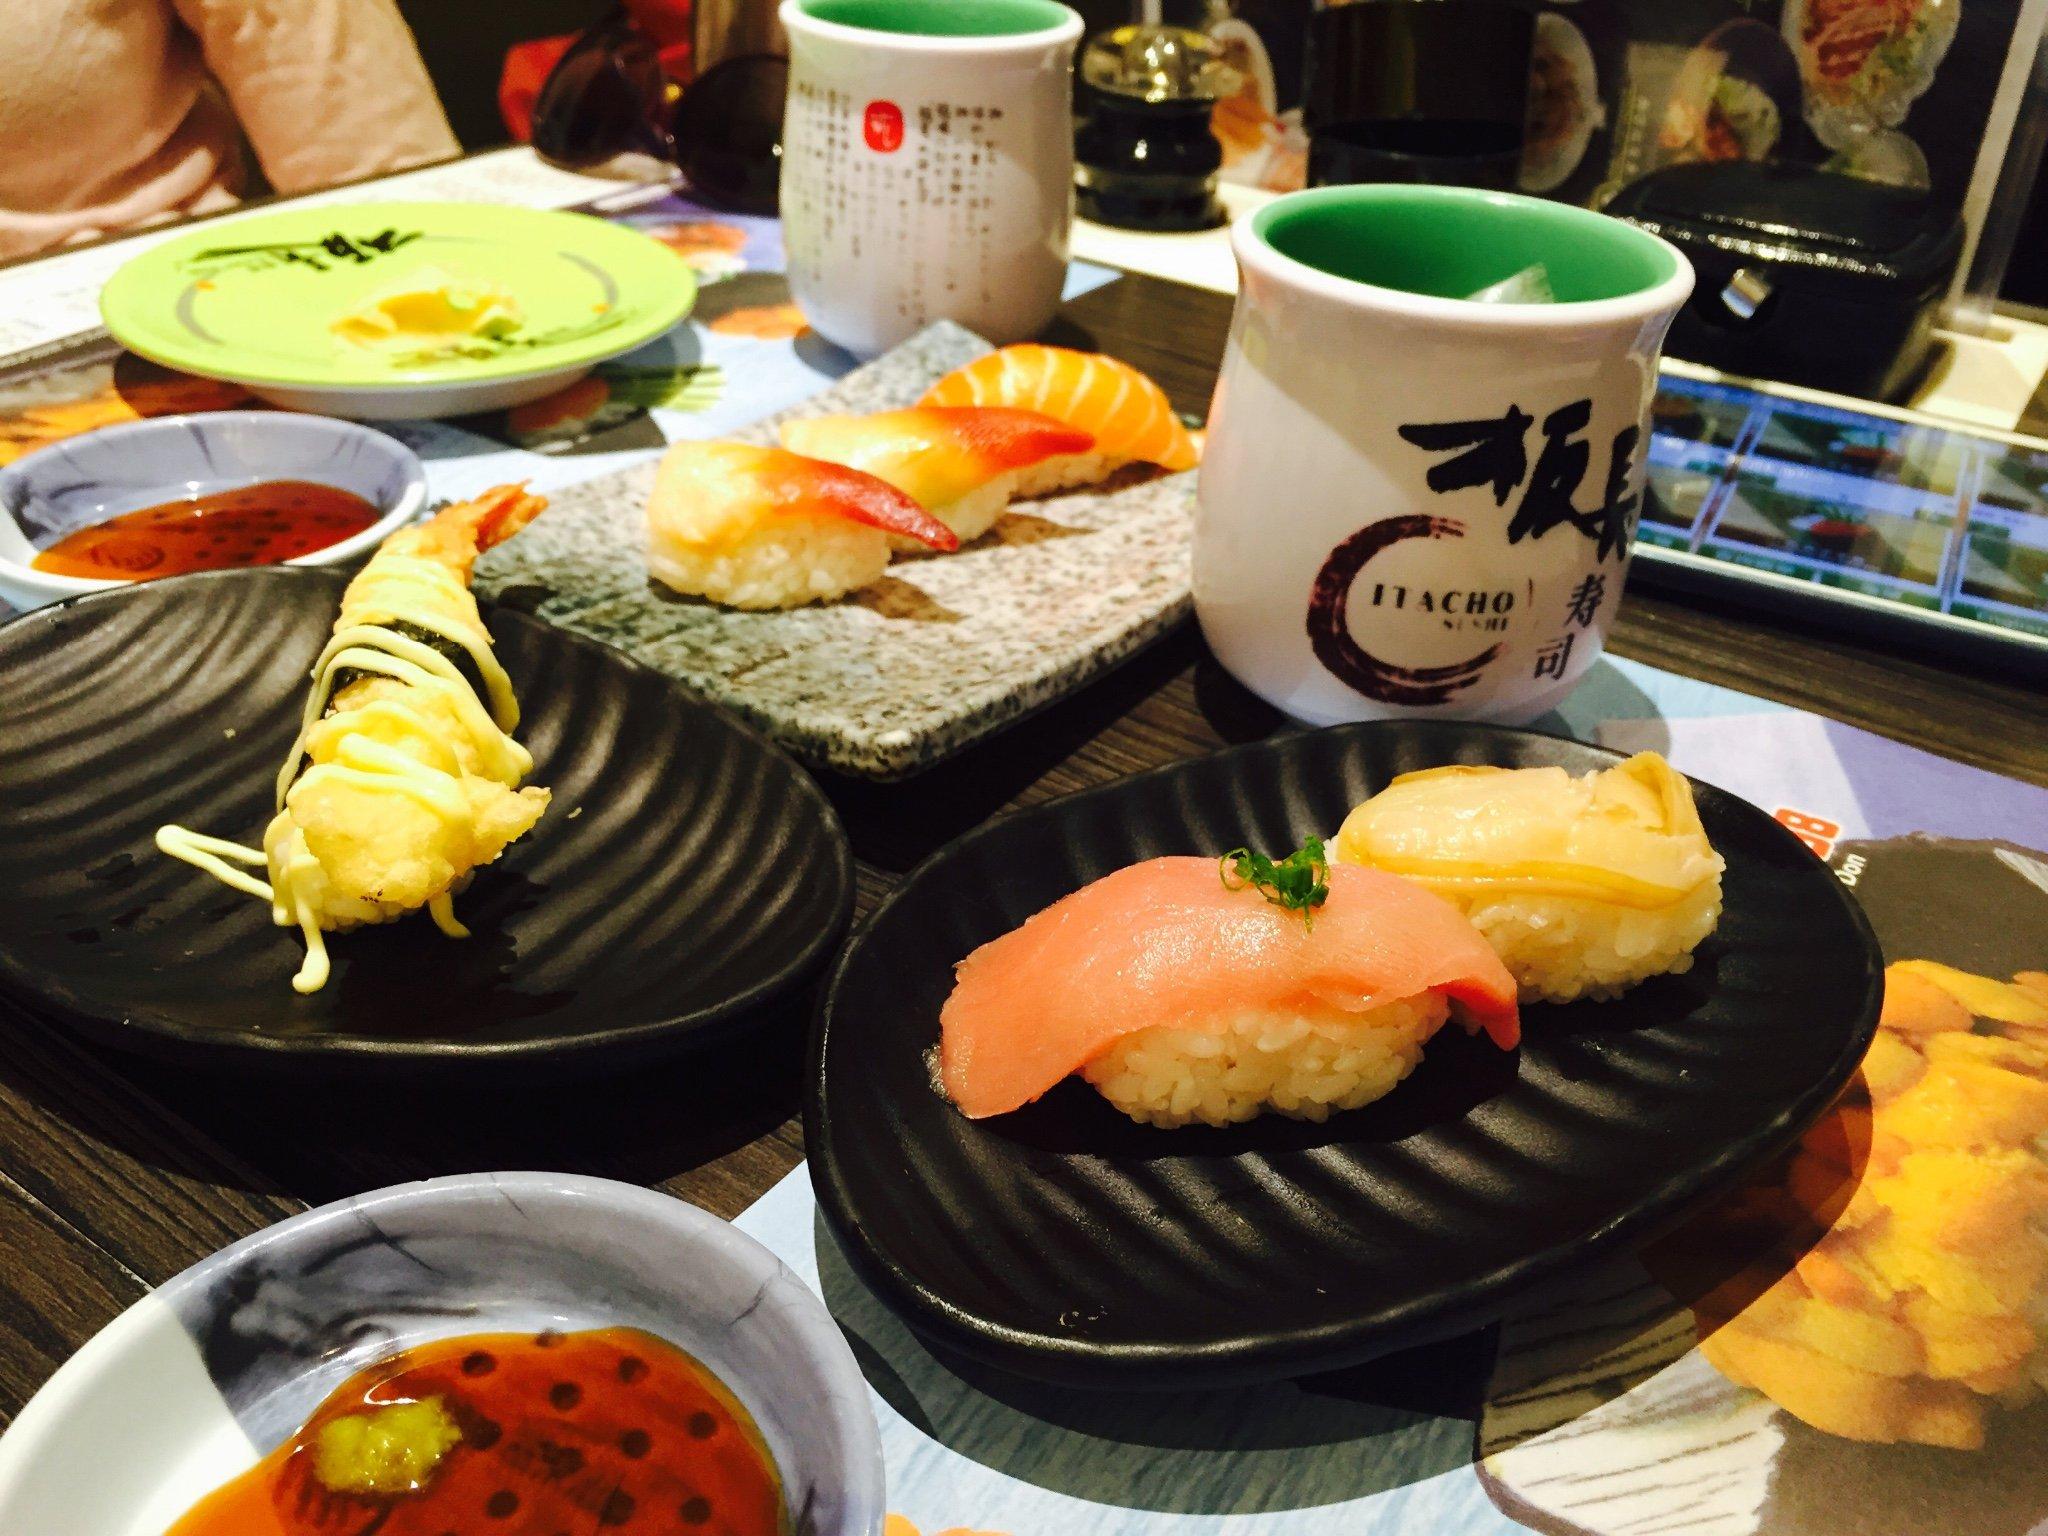 走街串巷,香港美食总需要等待和寻找